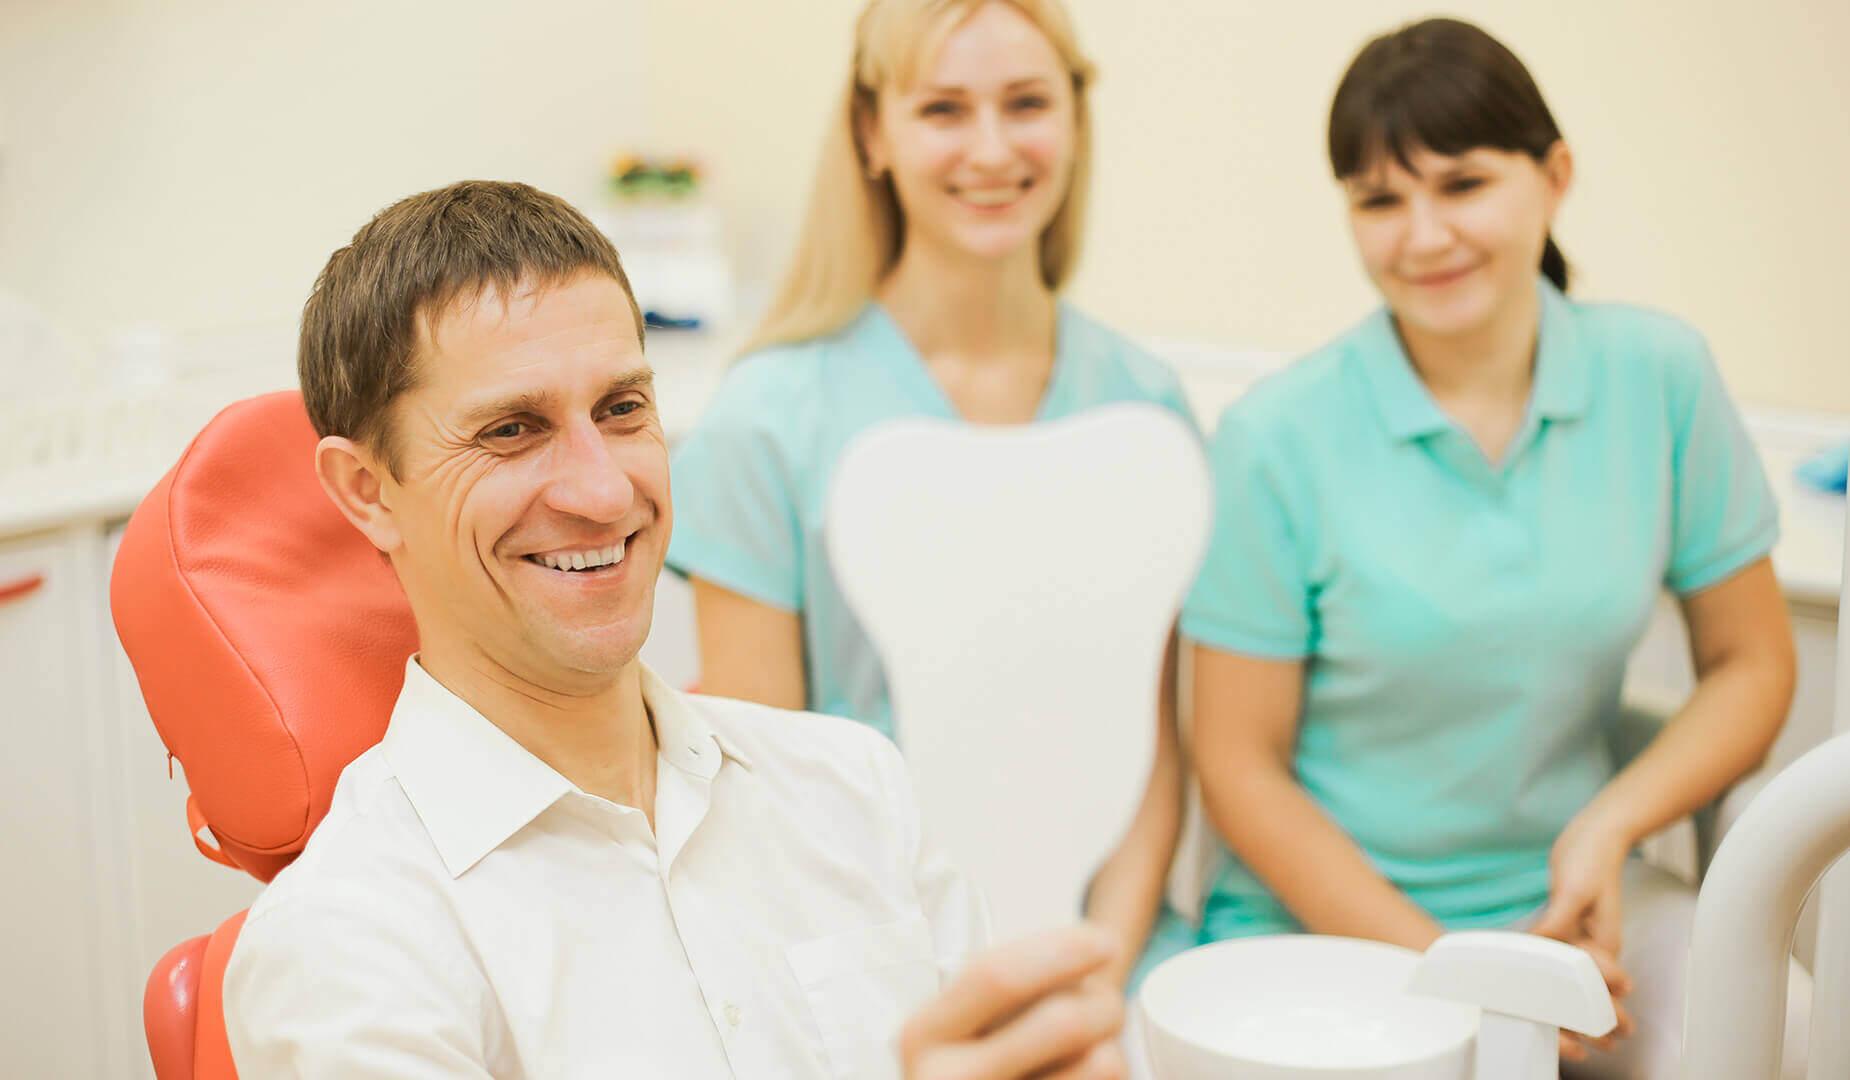 Пациент смотрит на свою новую красивую улыбку в зеркало